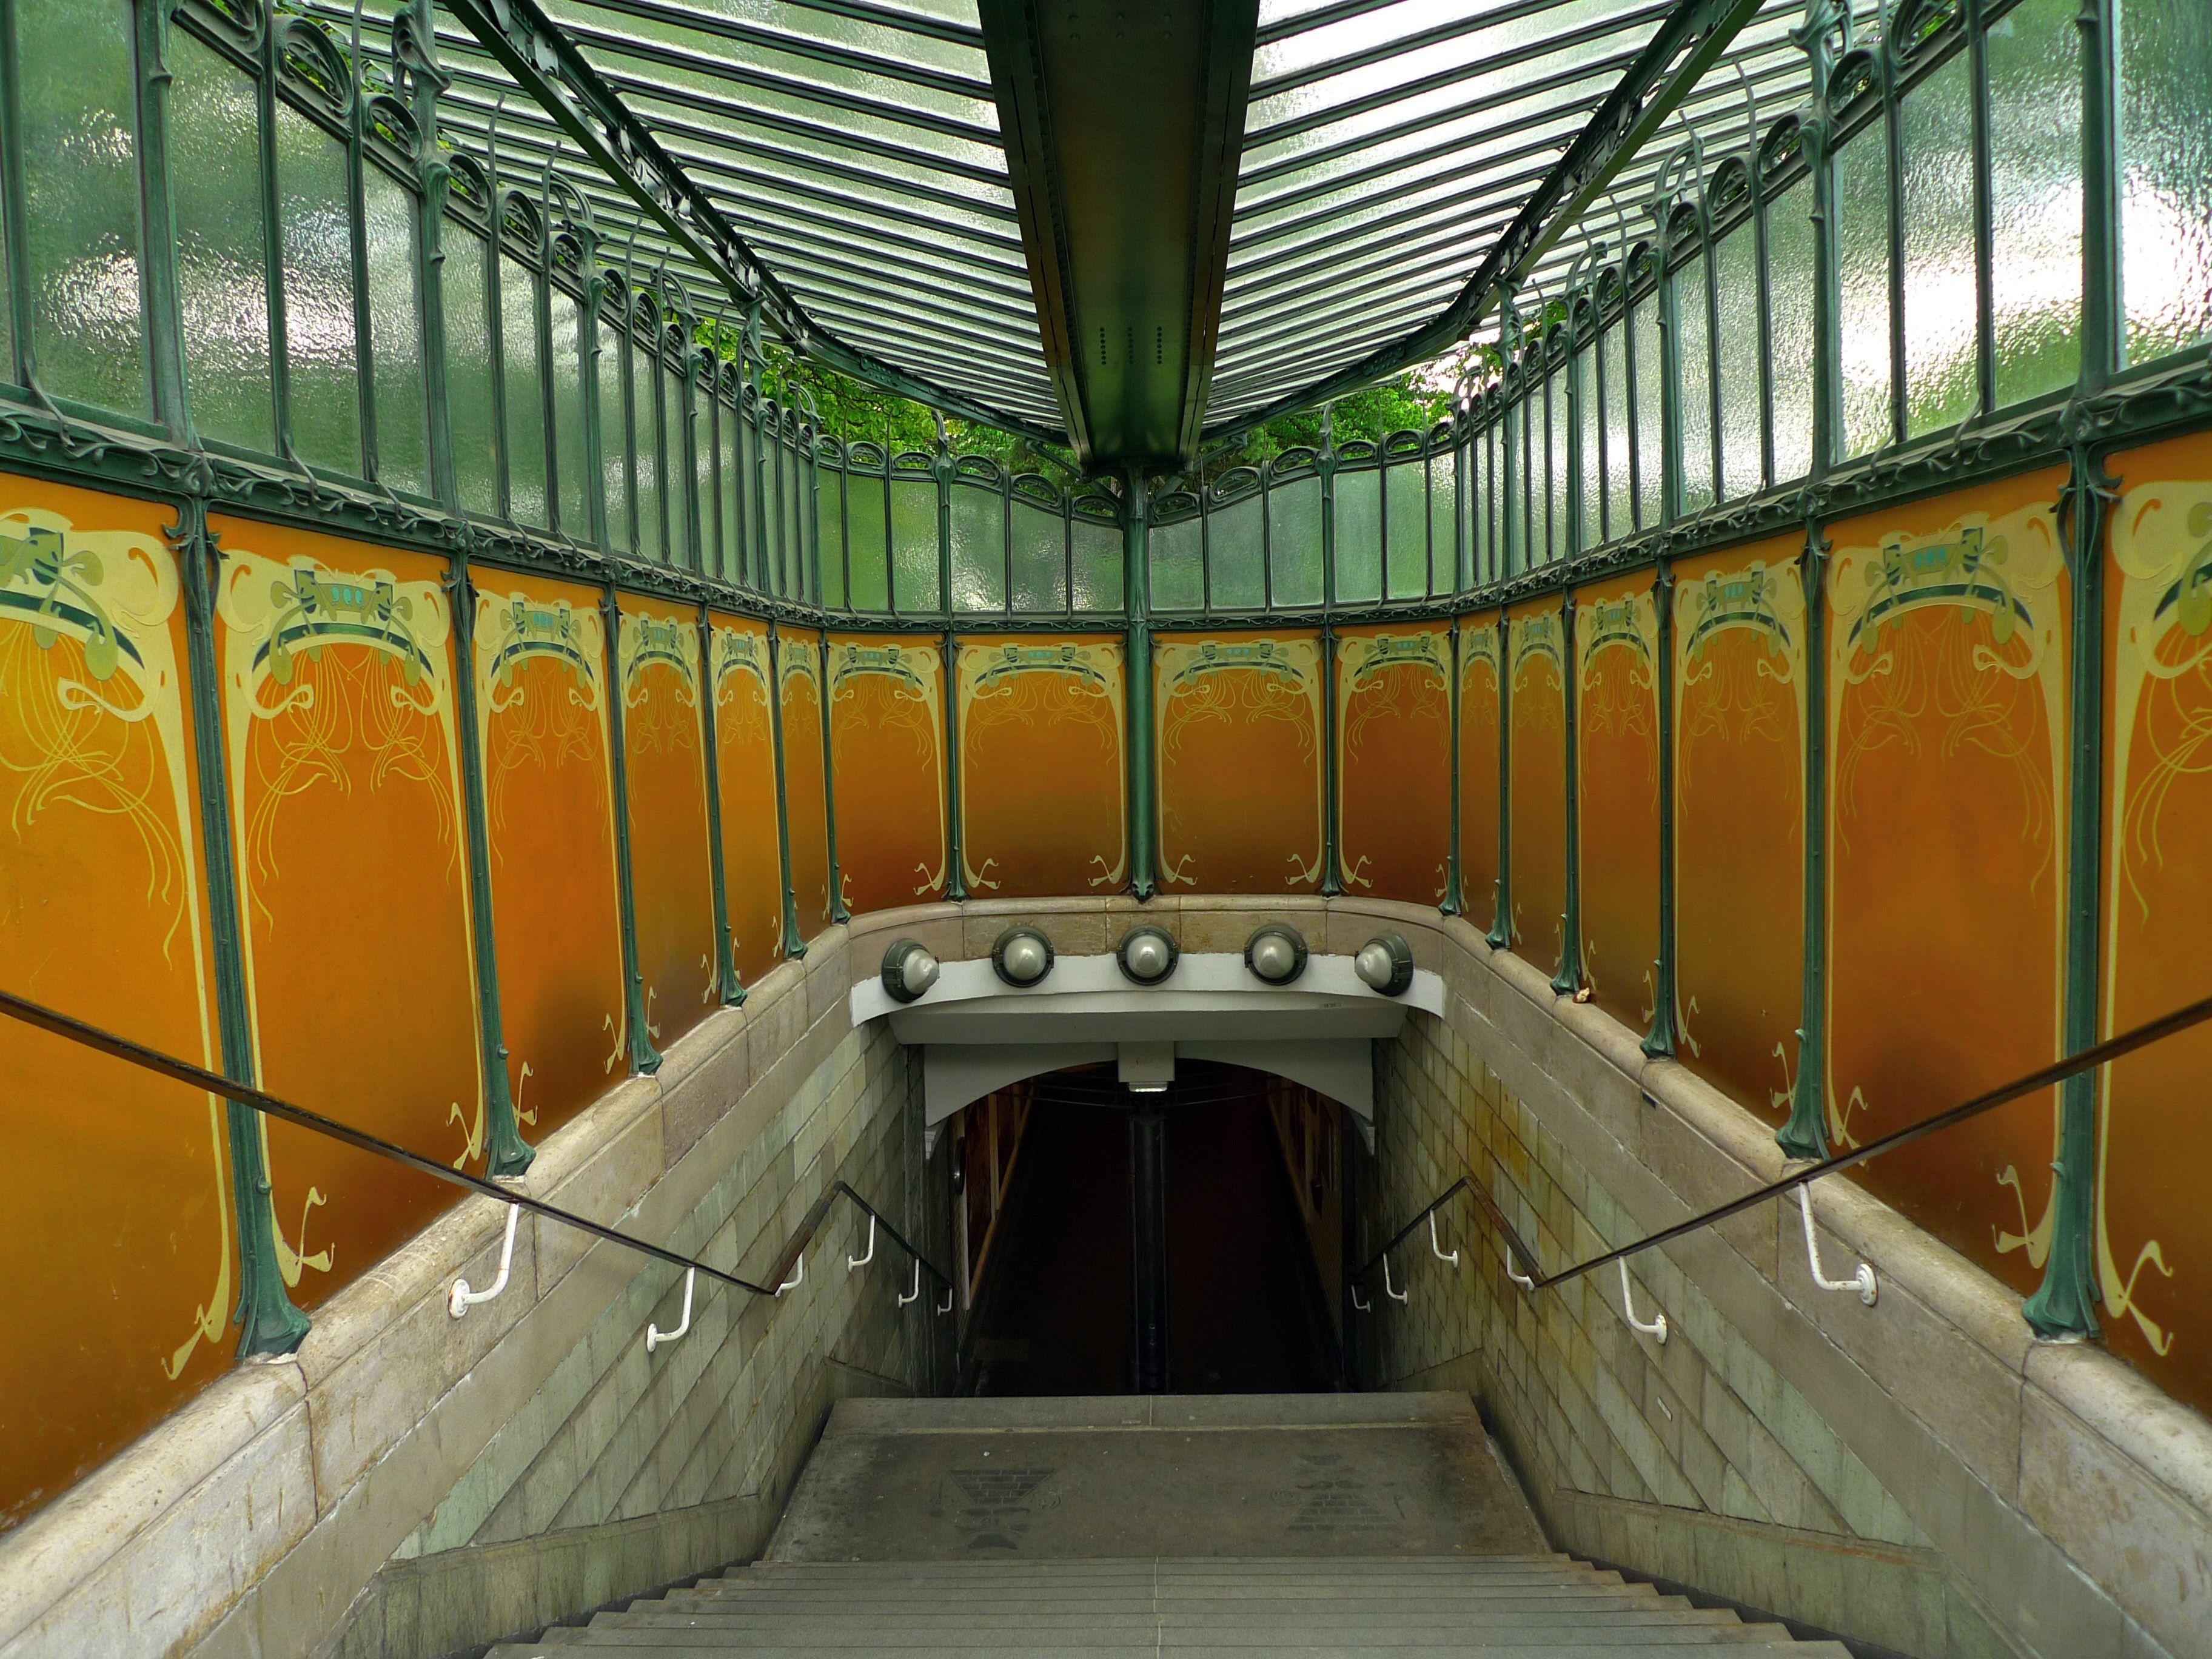 Art nouveau hector guimard bouche de m tro de la station porte dauphine art nouveau - Portes ouvertes paris dauphine ...